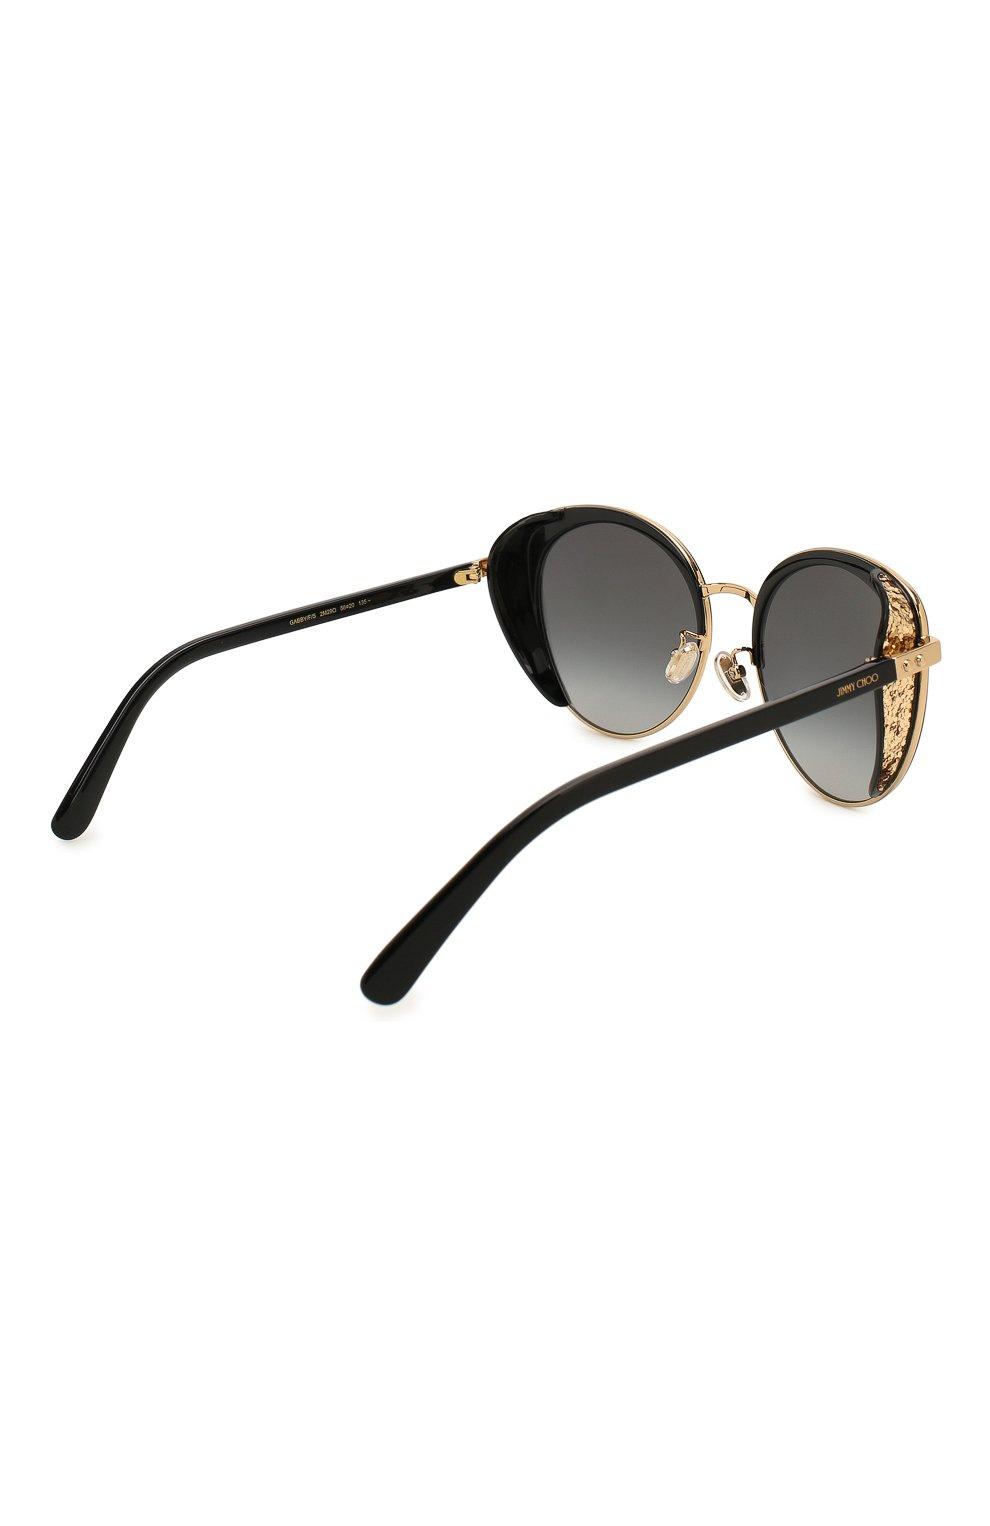 Женские солнцезащитные очки JIMMY CHOO черного цвета, арт. GABBY/F 2M2 | Фото 4